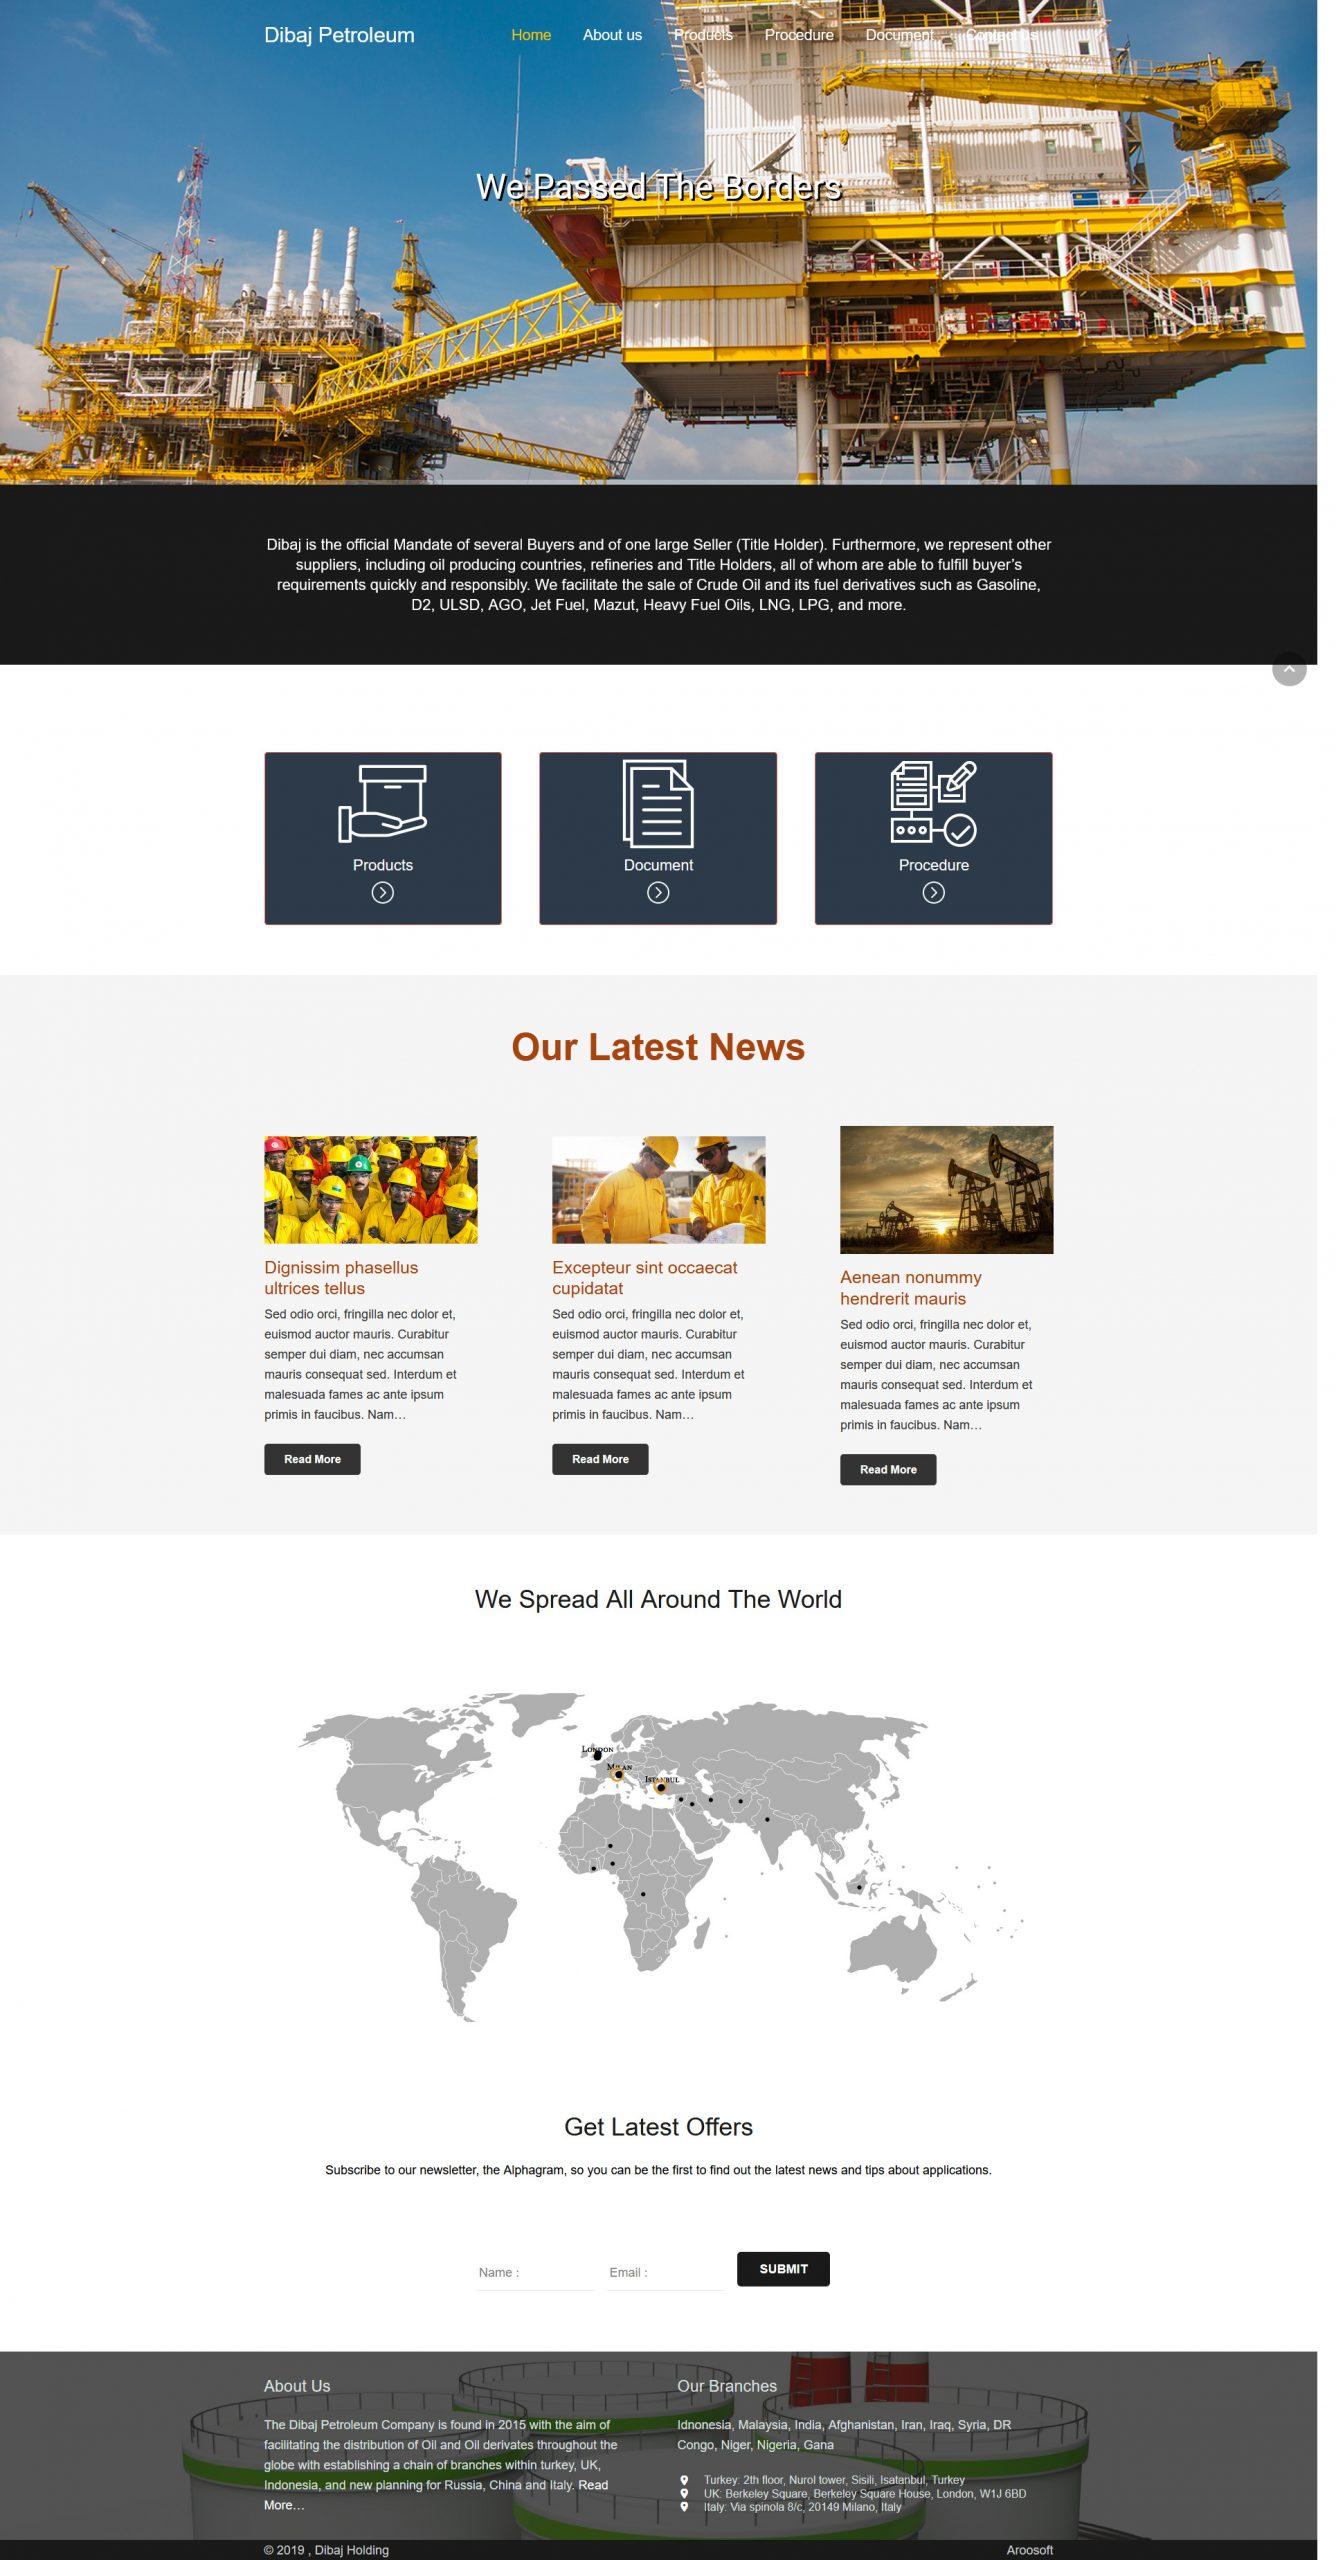 طراحی فروشگاه اینترنتی رسپیناشاپ Respinashop | طراحی فروشگاه اینترنتی با وردپرس | طراحی سایت